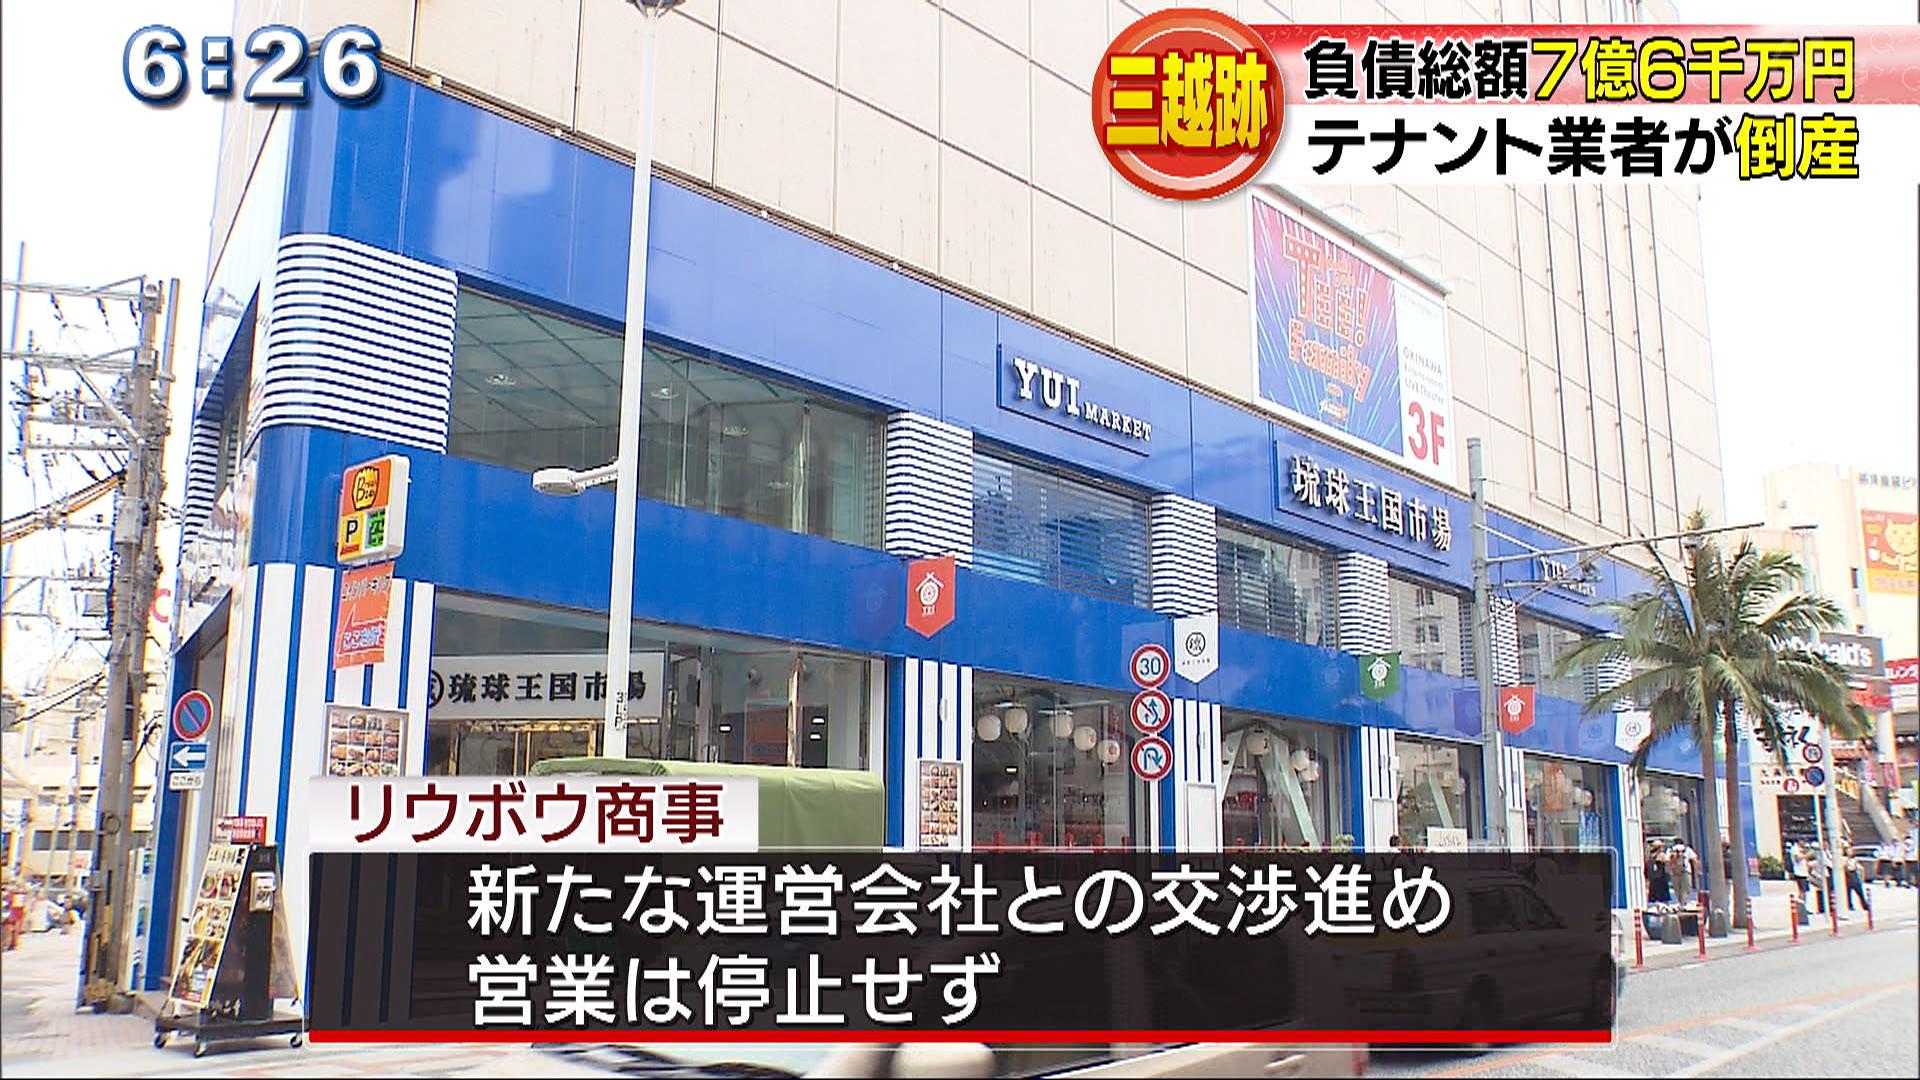 三越跡ビル 「琉球王国市場」テナント業者が倒産